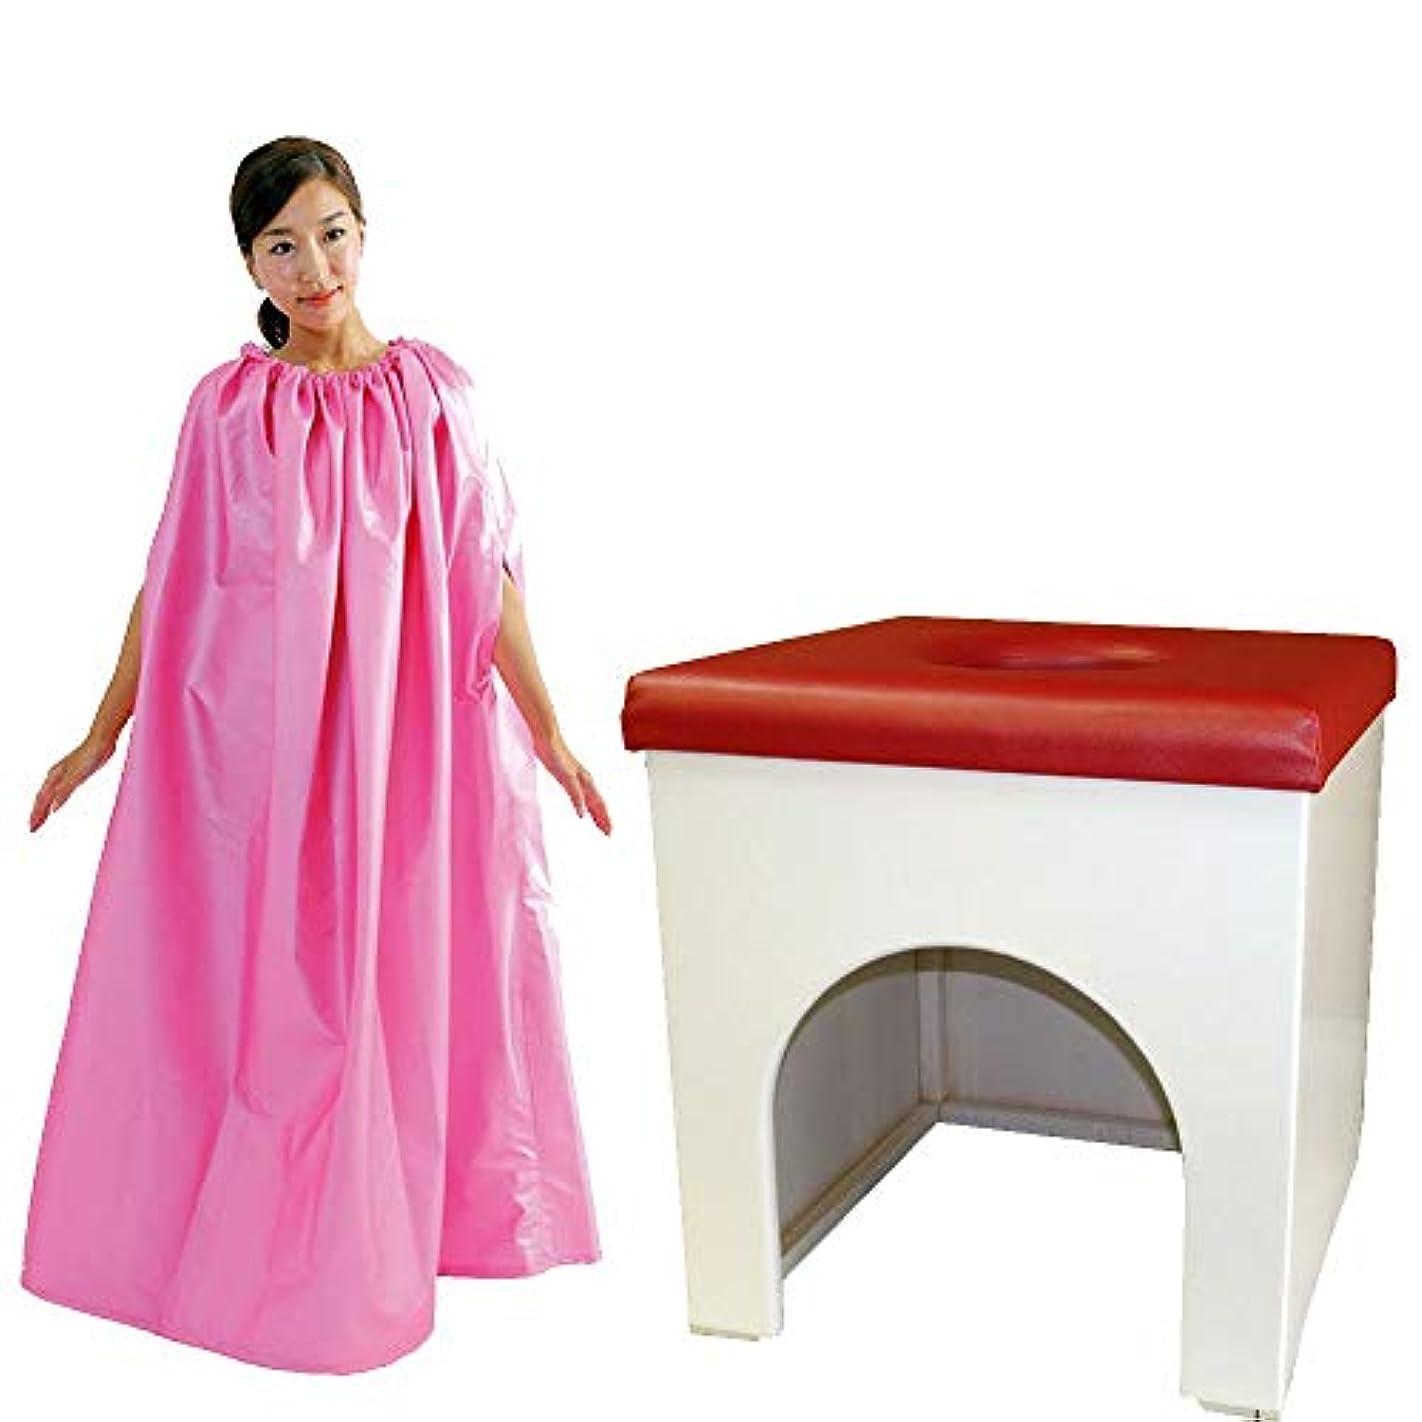 あたたかい摩擦吸収する【WR】まる温よもぎ蒸し【白椅子(ワインレッドシート)セット】専用マント?薬草60回分?電気鍋【期待通りの満足感をお届けします!】/爽やかなホワイトカラーで、人体に無害な塗装仕上げで通常の椅子より長持ちします! (ピンク)